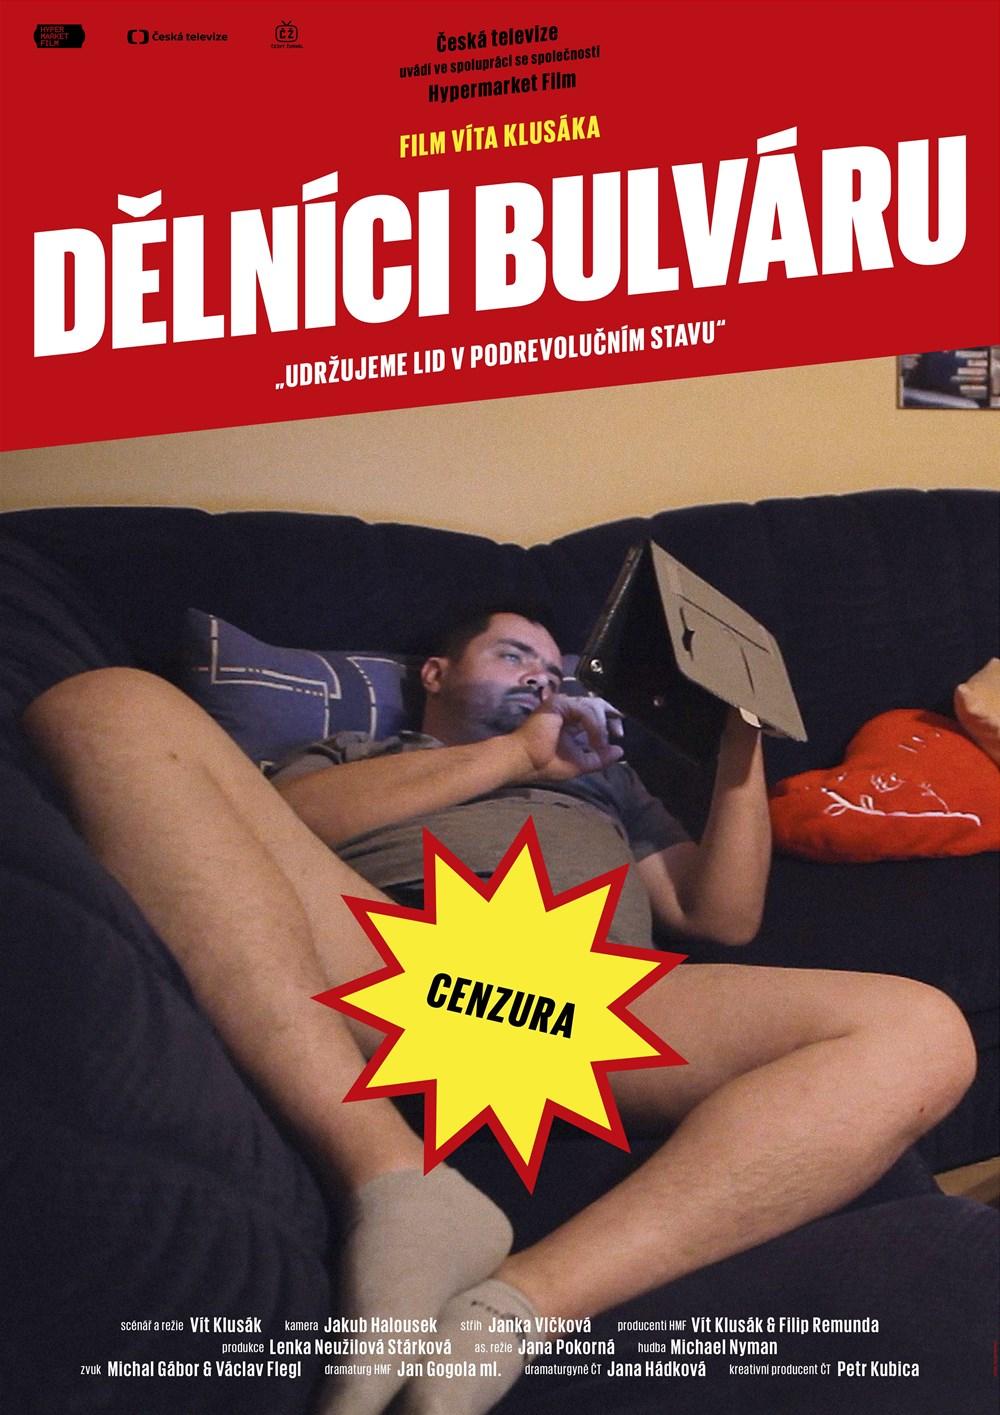 Kino Fotografic Delnici bulvaru poster